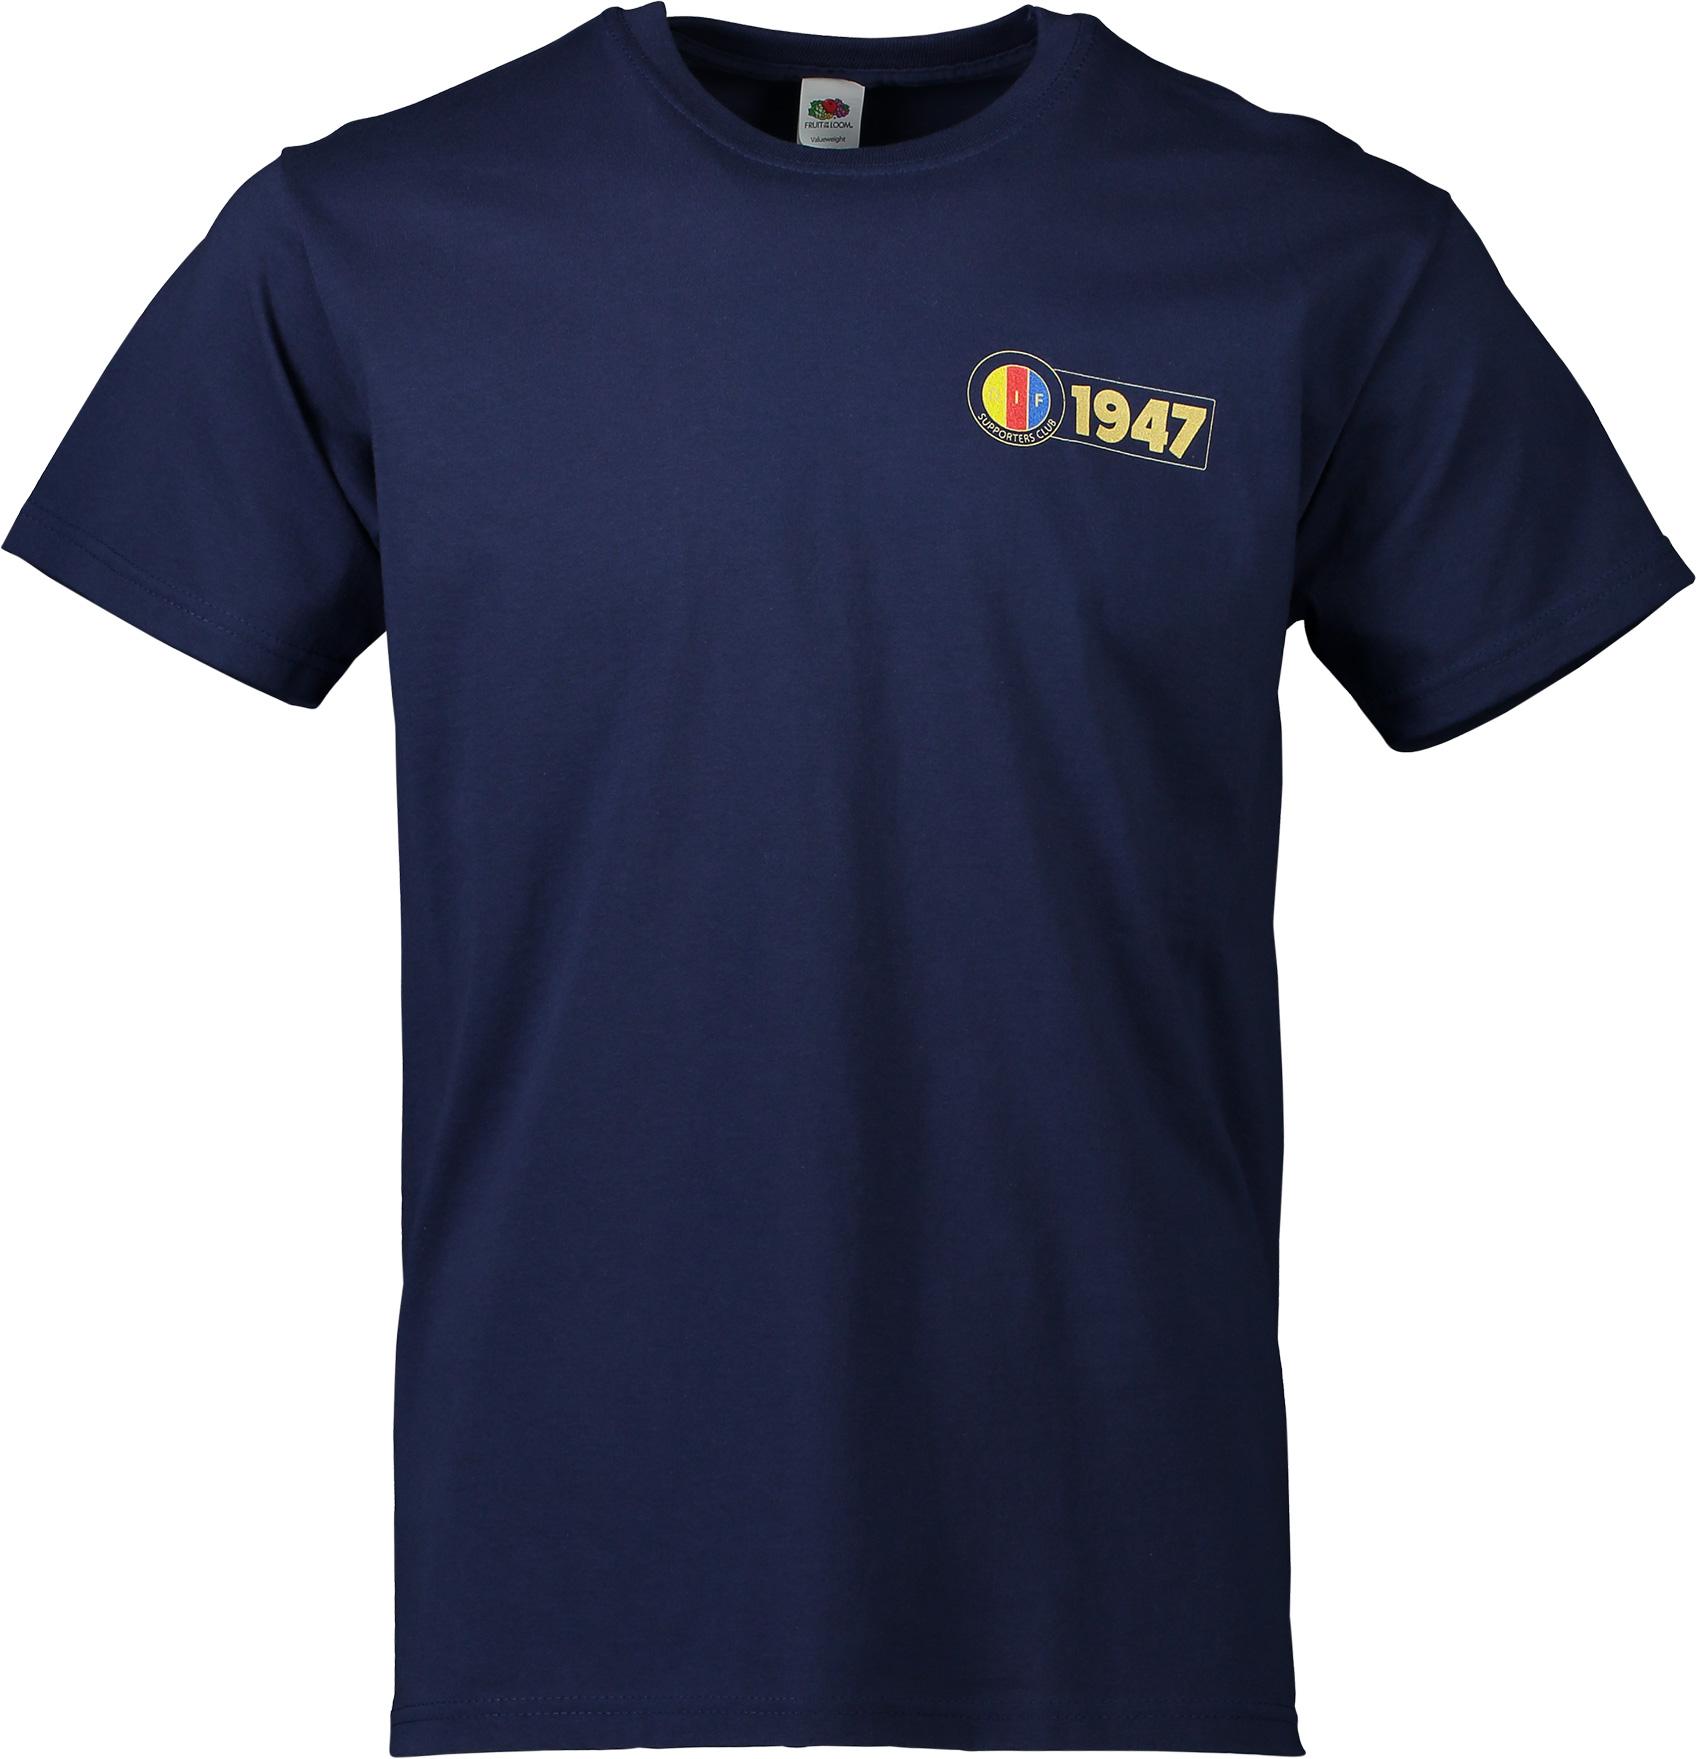 T-shirt med 1947 logga